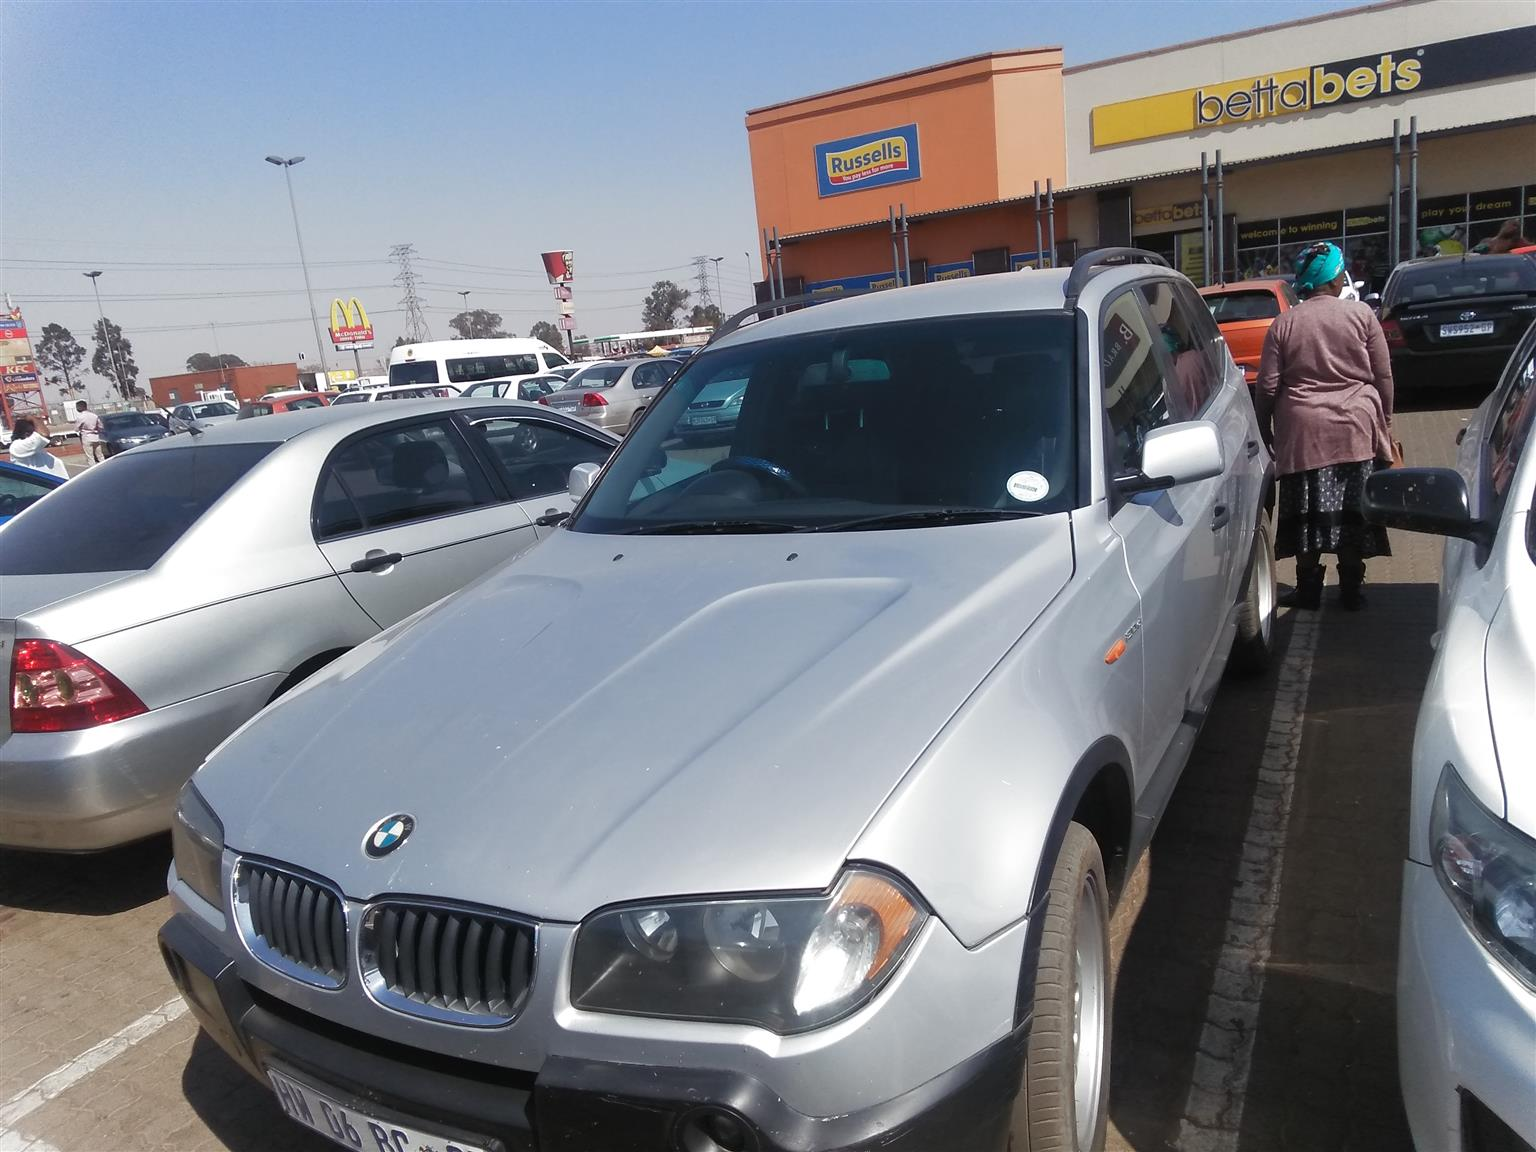 2005 BMW X3 xDrive20d xLine